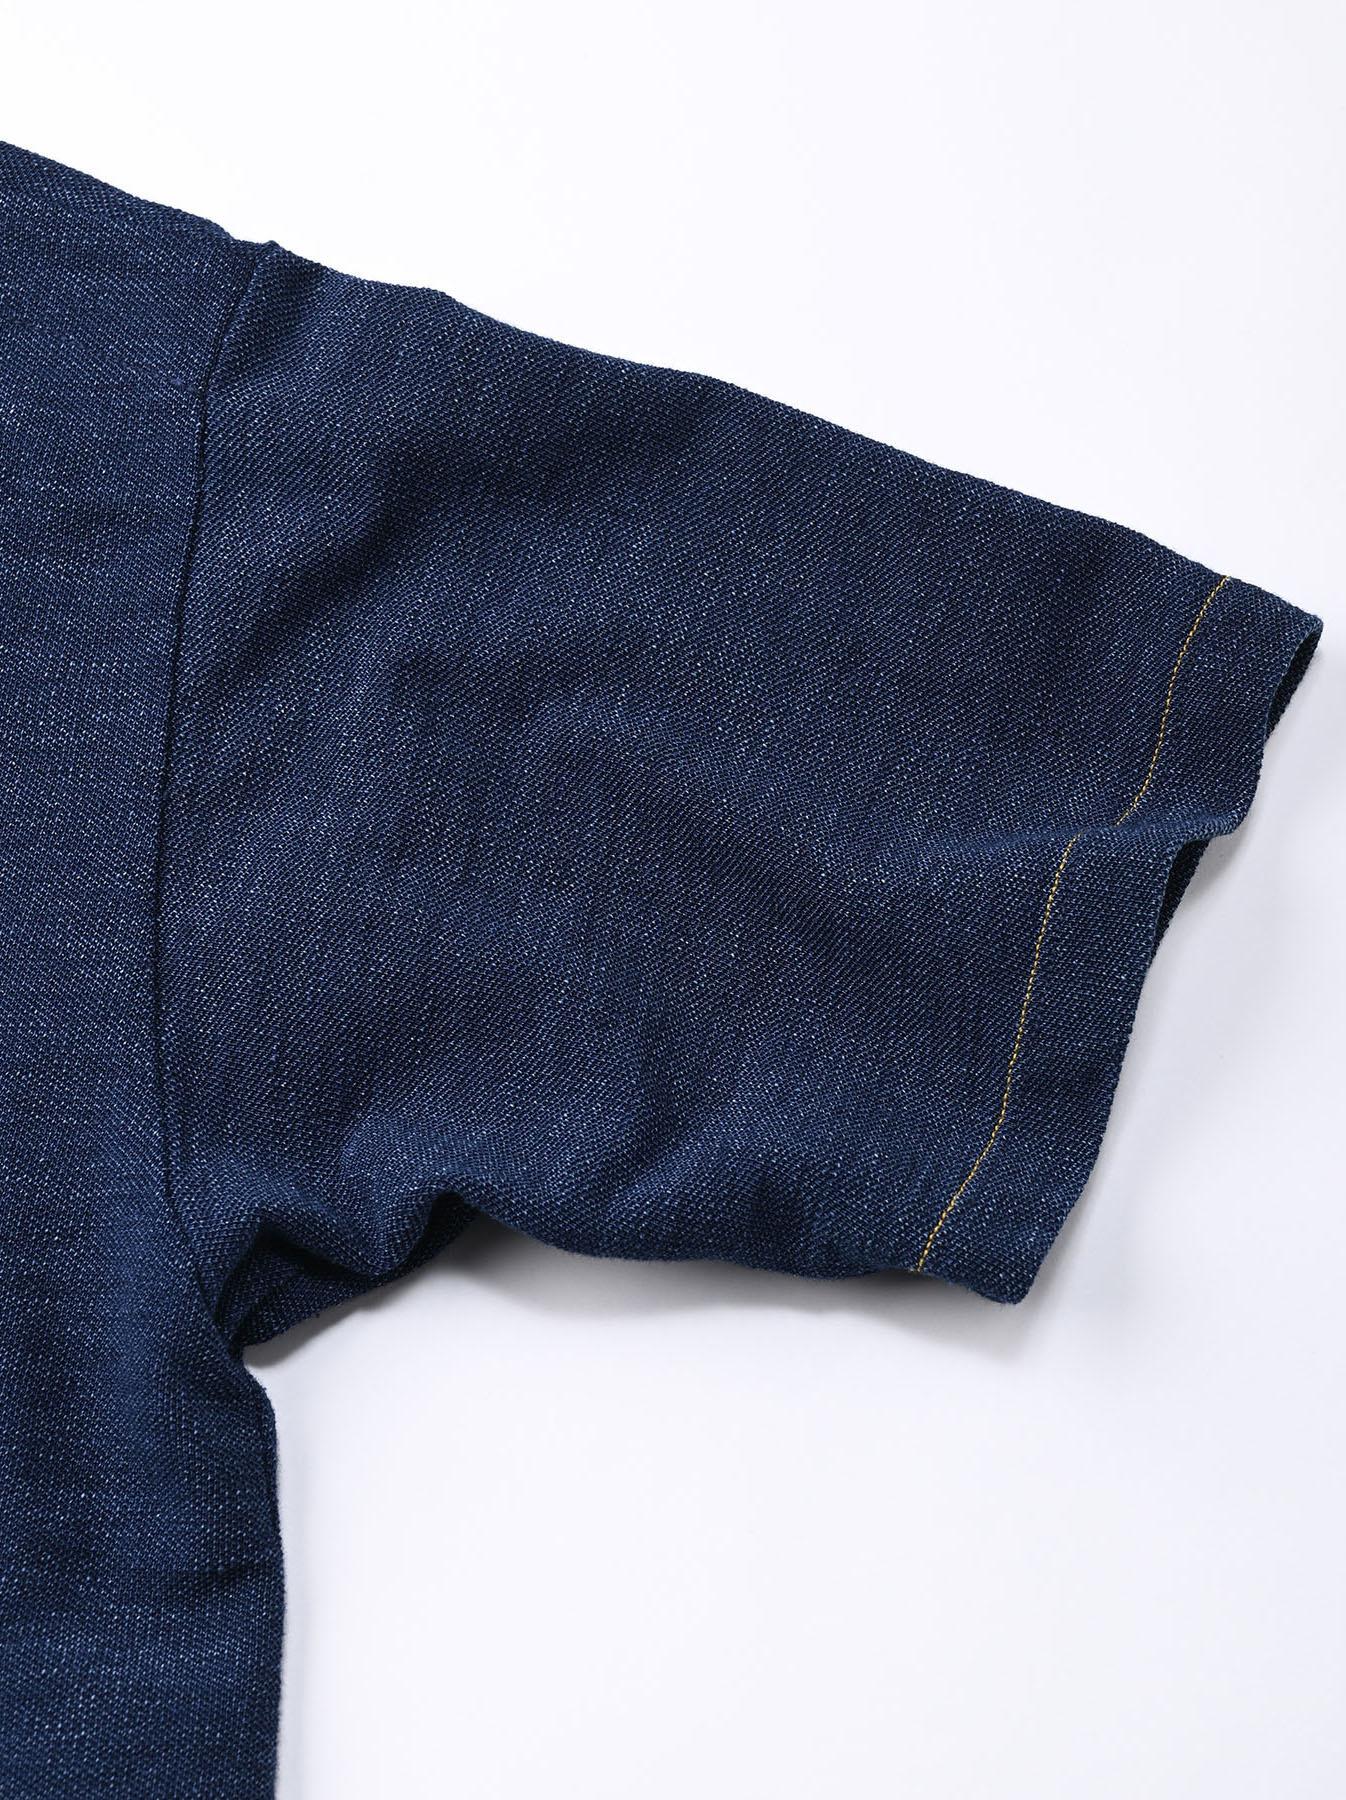 Indigo Kanoko Ocean Shiokaze Short-sleeved Polo Shirt (0521)-10